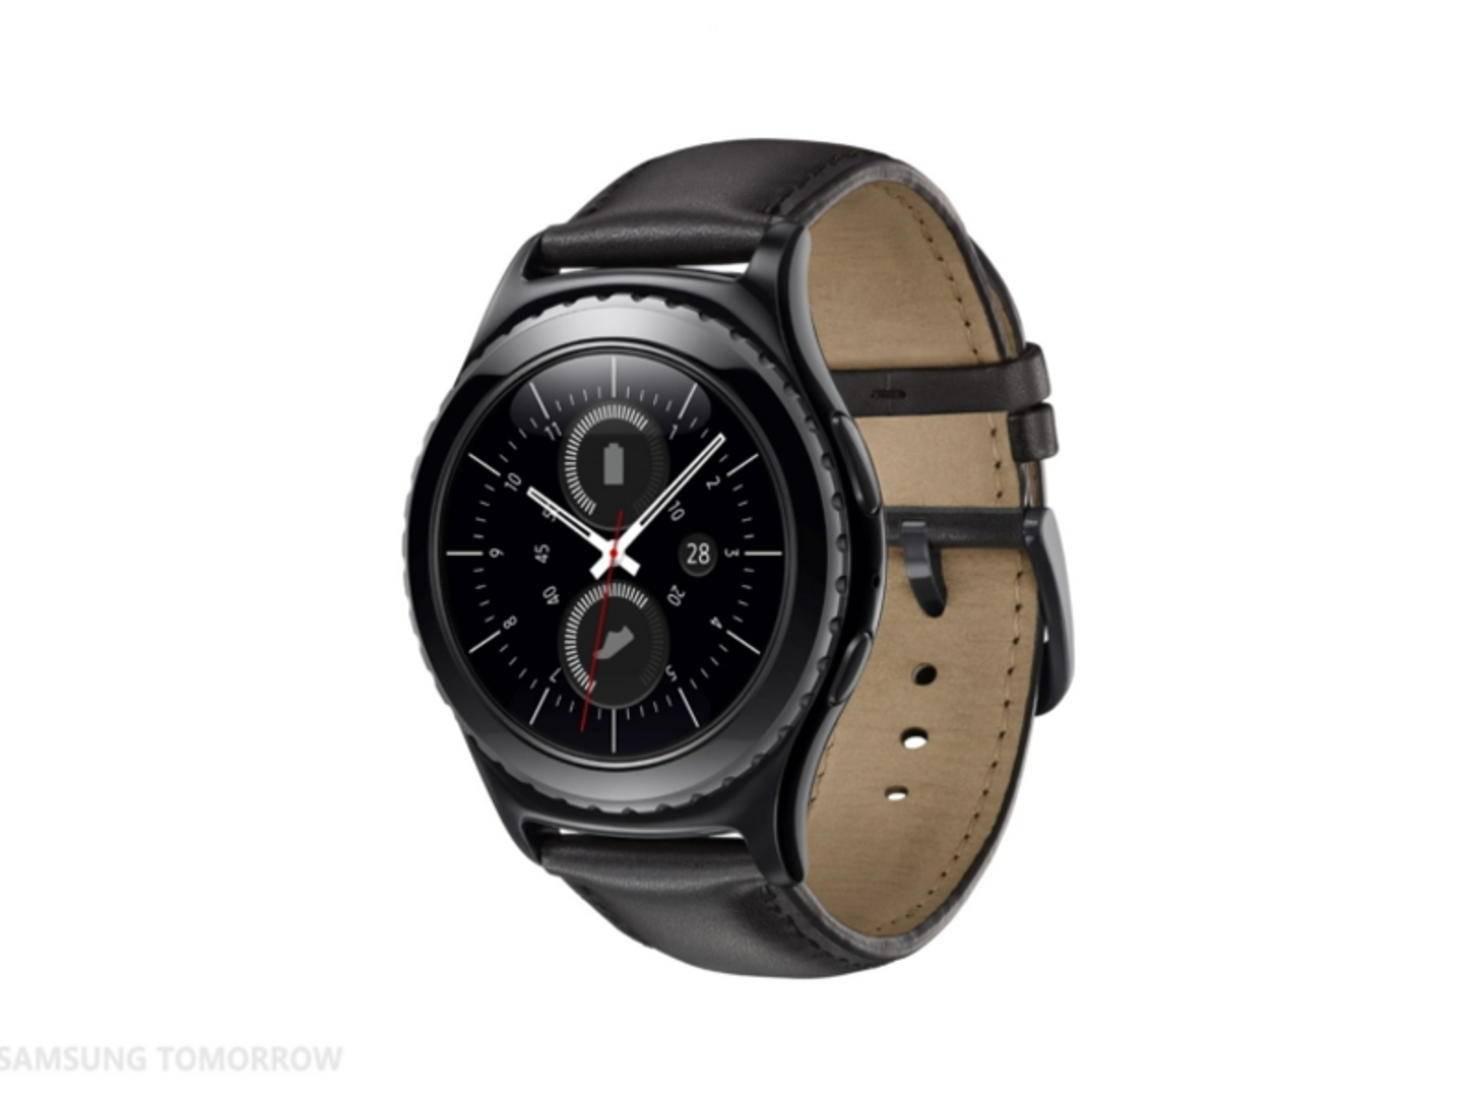 Die Classic-Version orientiert sich hingegen eher am klassischen Uhrendesign.